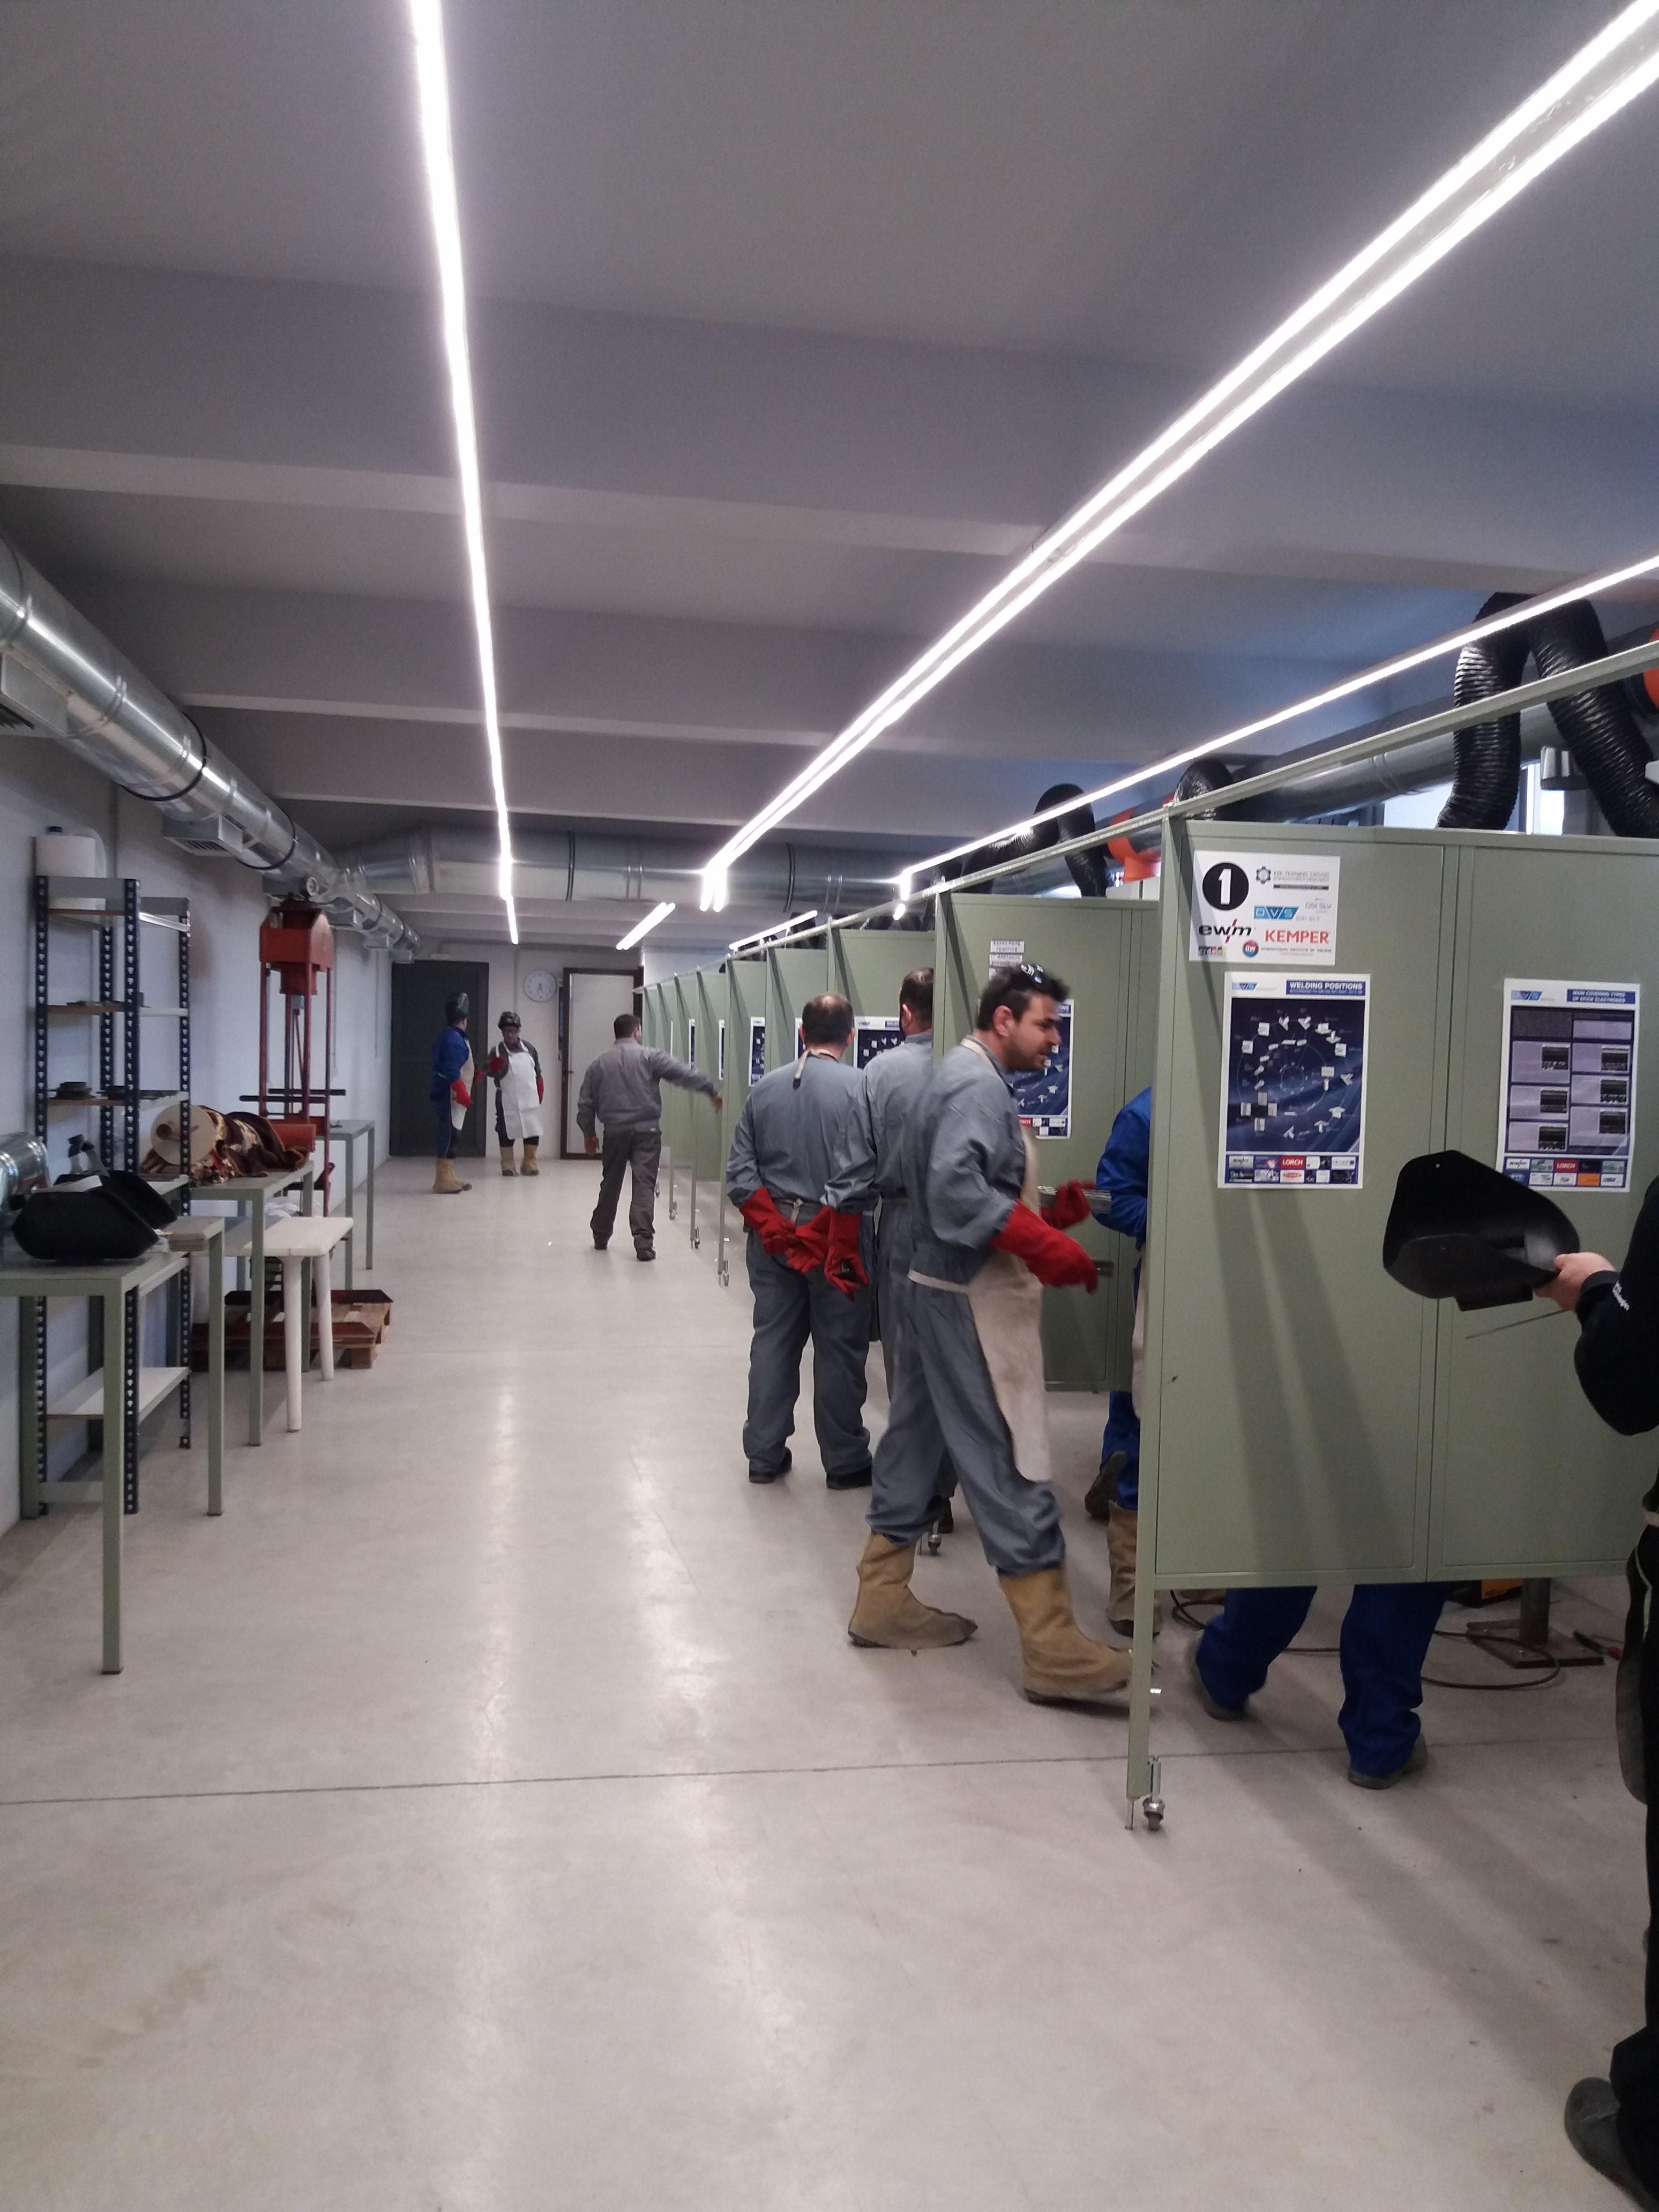 Στη Γερμανία για μετεκπαίδευση - ηλεκτροσυγκολλητές από το Ηράκλειο